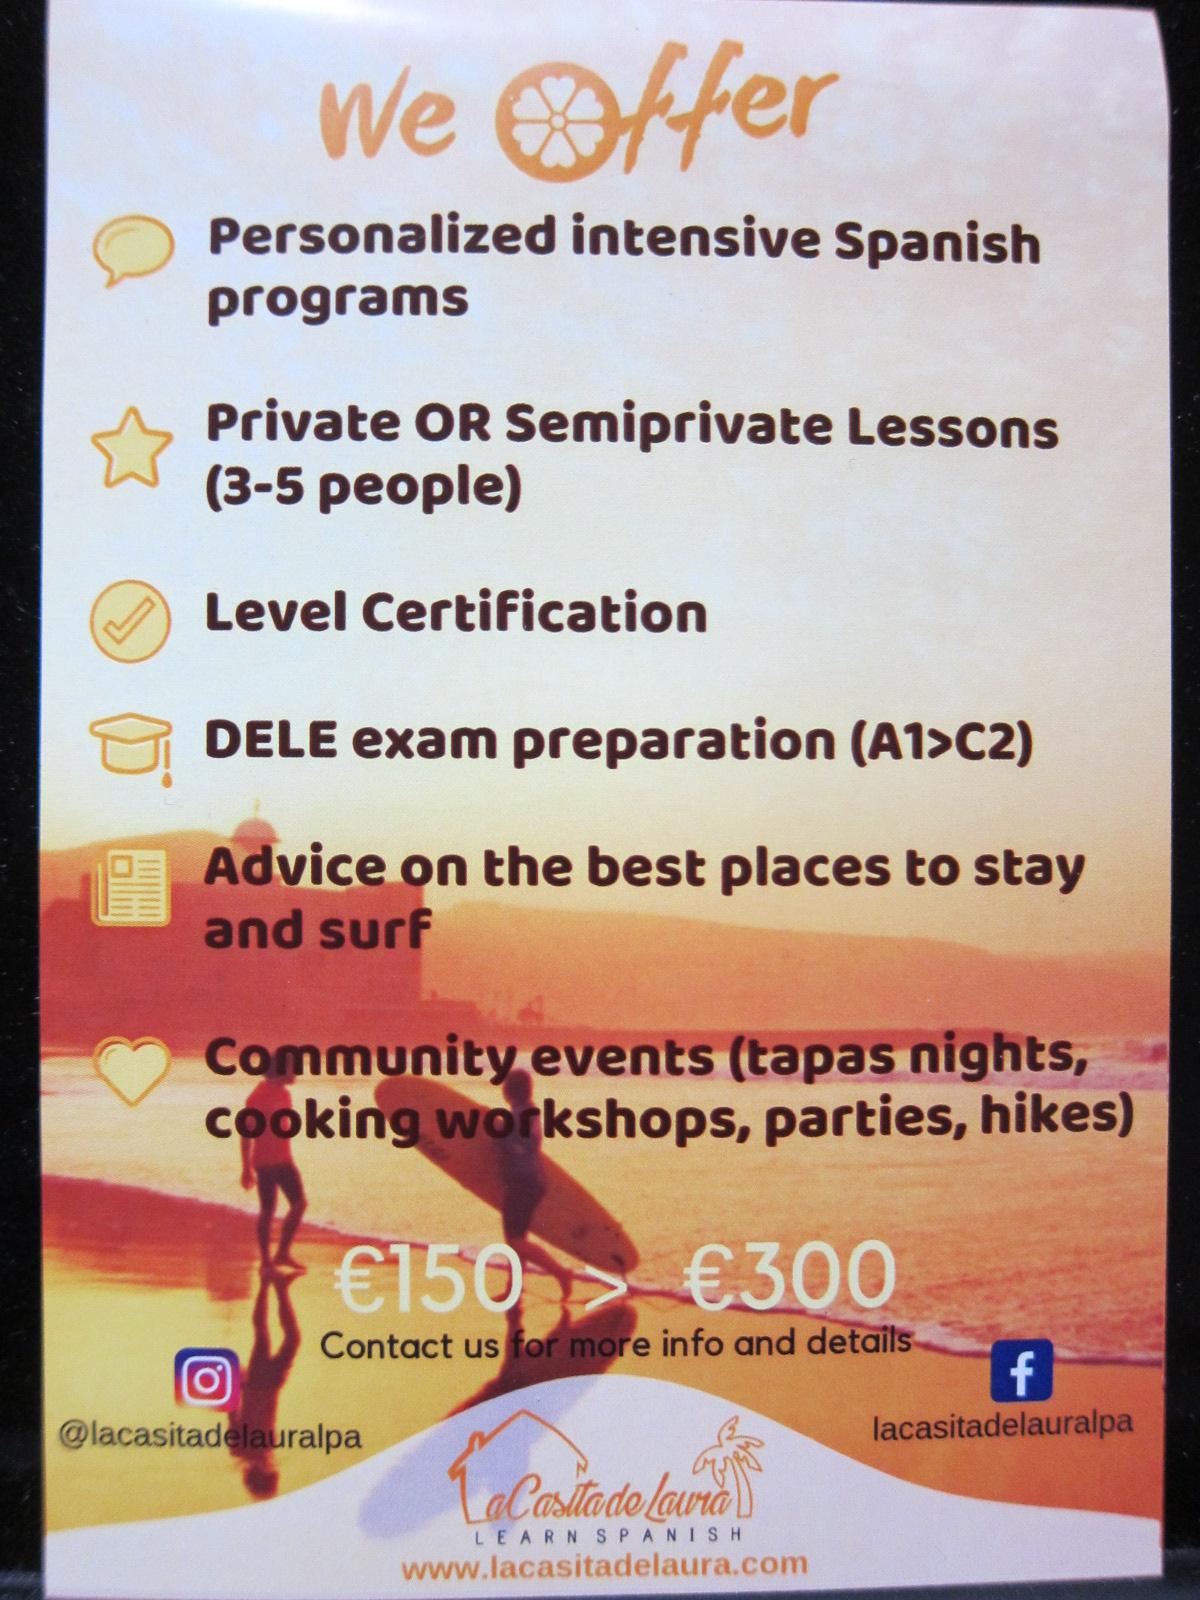 Learn Spanish in Gran Canaria2. La Casita de Laura.